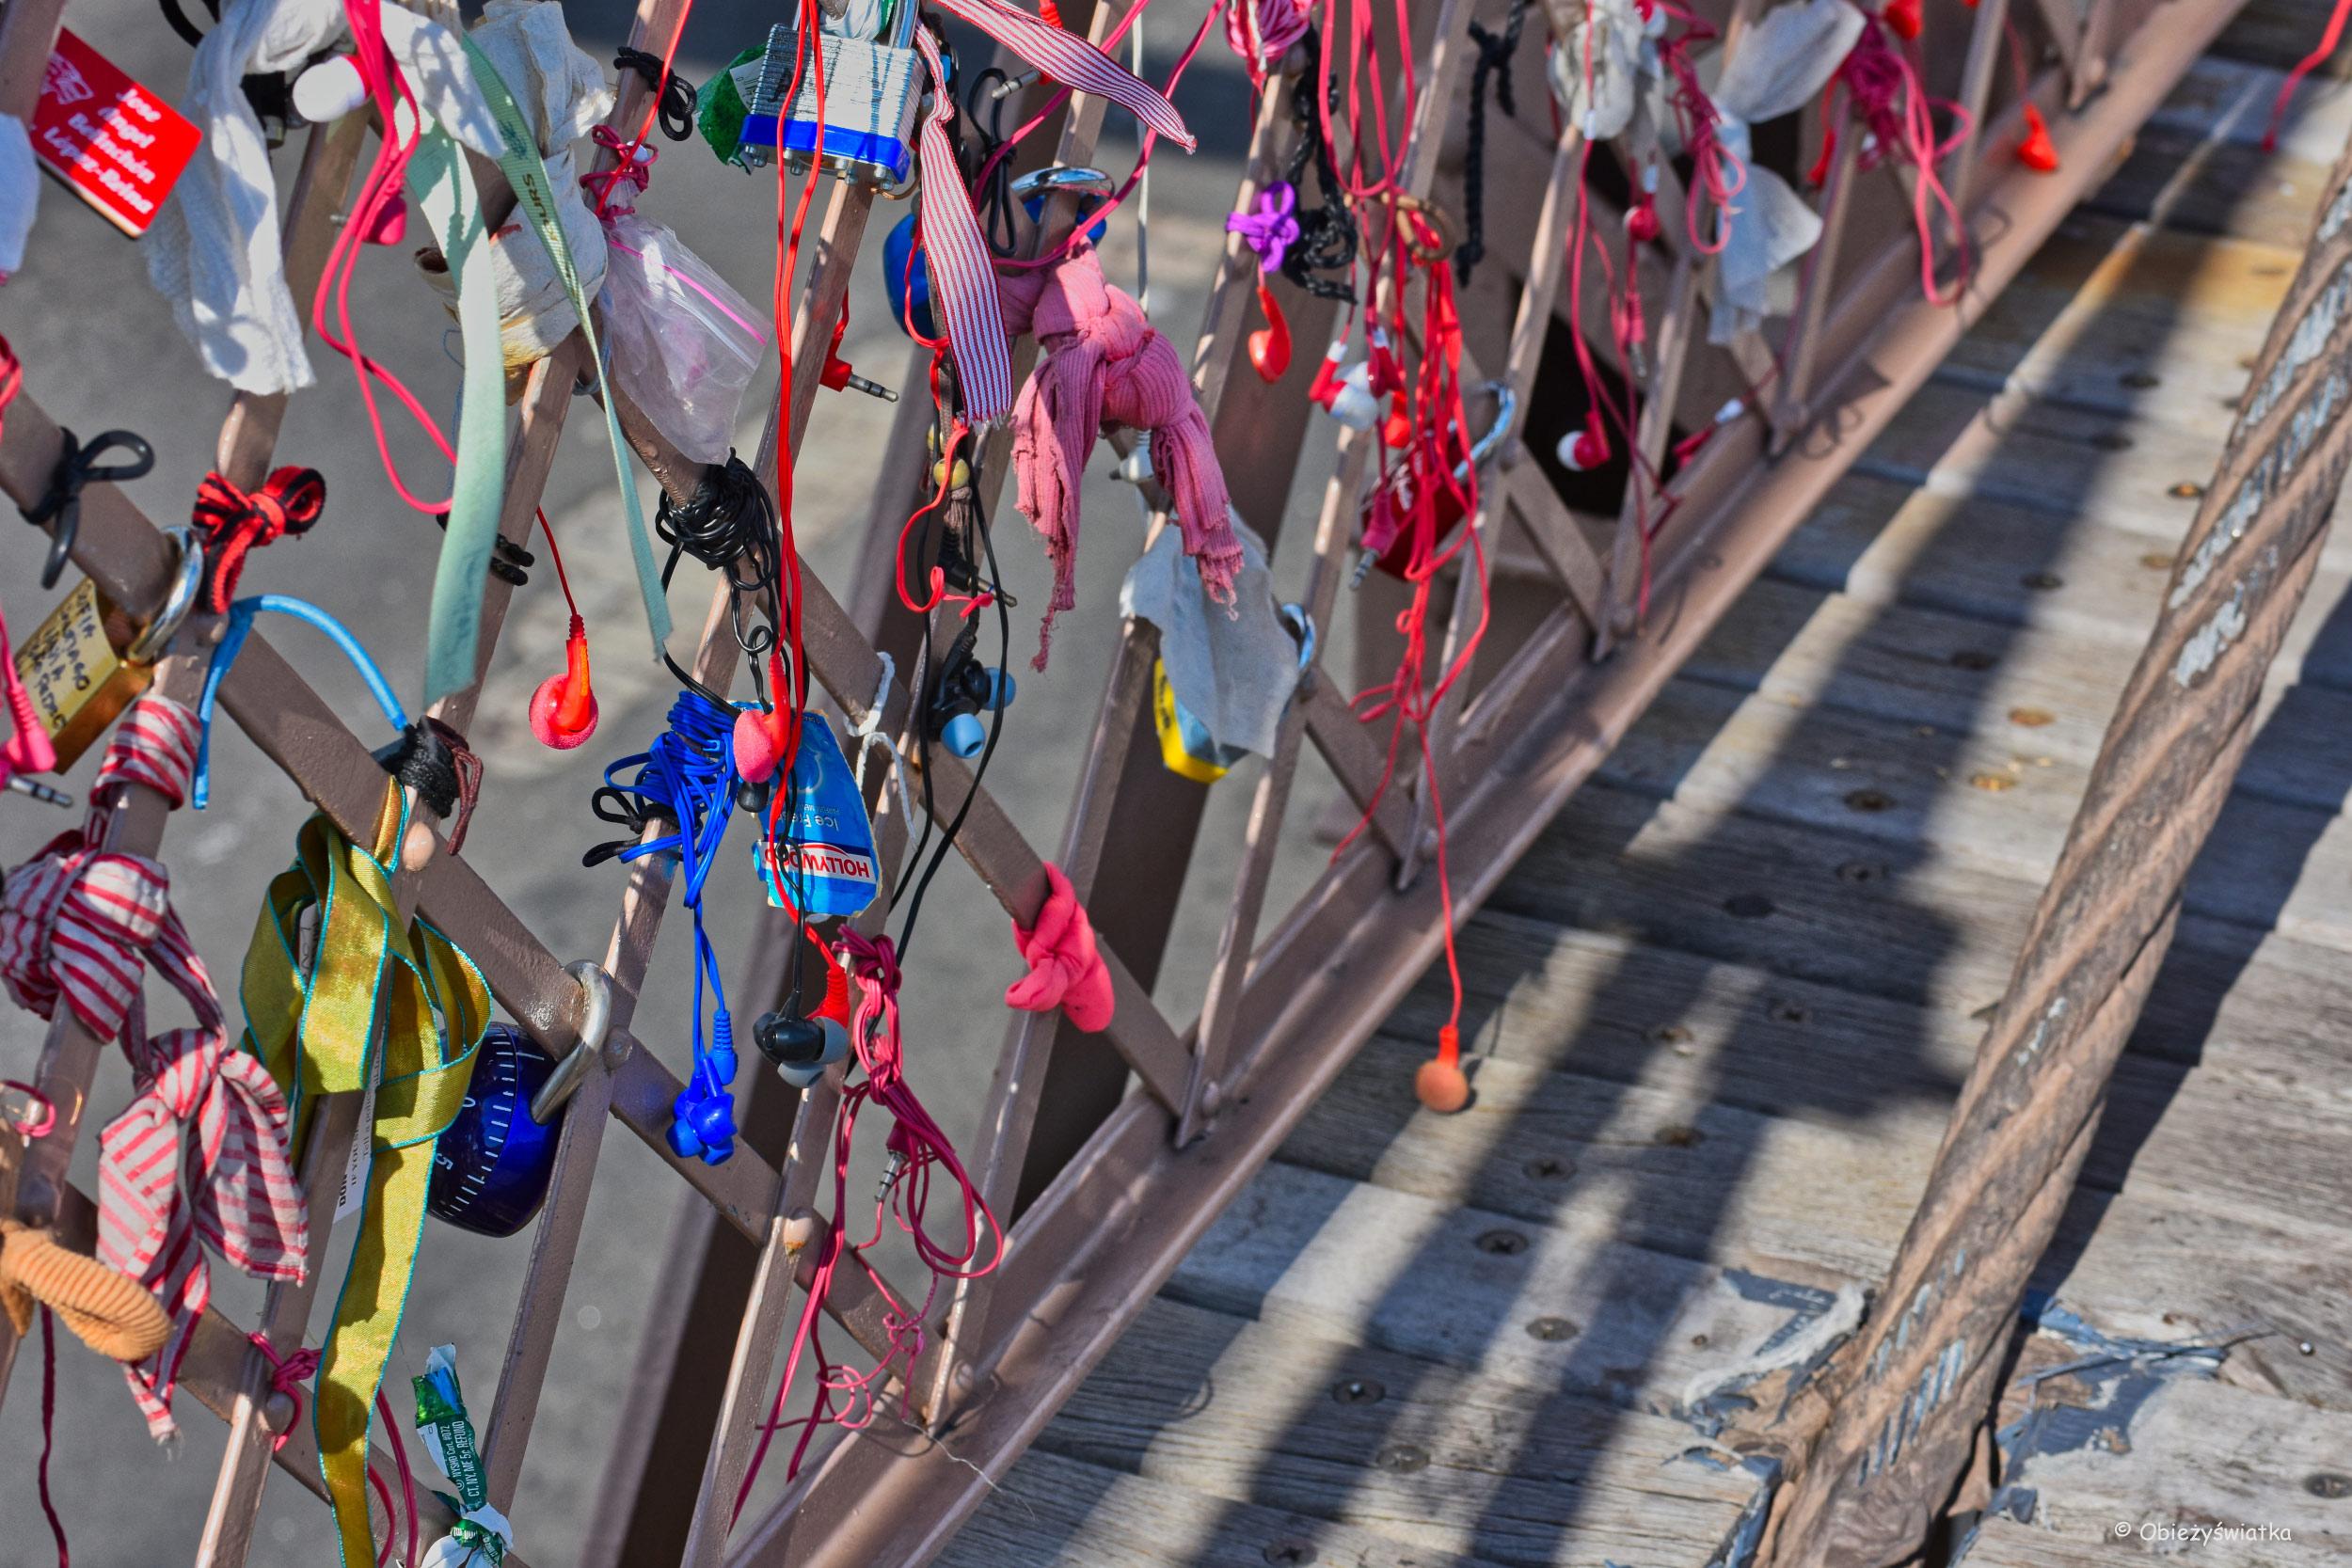 Słuchawki na Moście Brooklińskim - podobno to z powodu zakazu przechodzenia przez most ze słuchawkami w uszach...